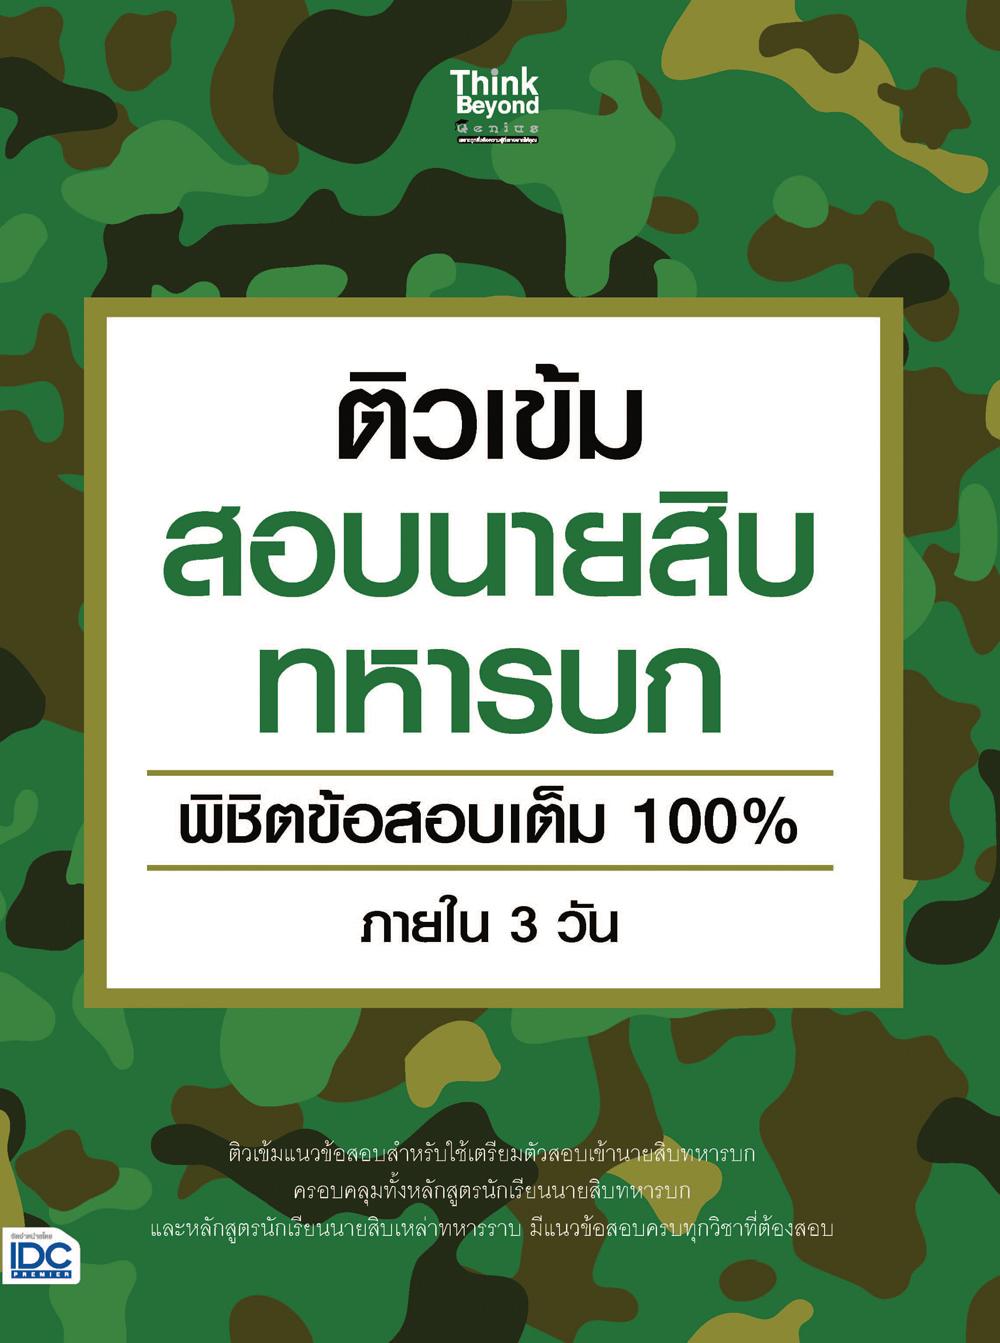 หนังสือ ติวเข้มสอบนายสิบทหารบก พิชิตข้อสอบเต็ม 100% ภายใน 3 วัน